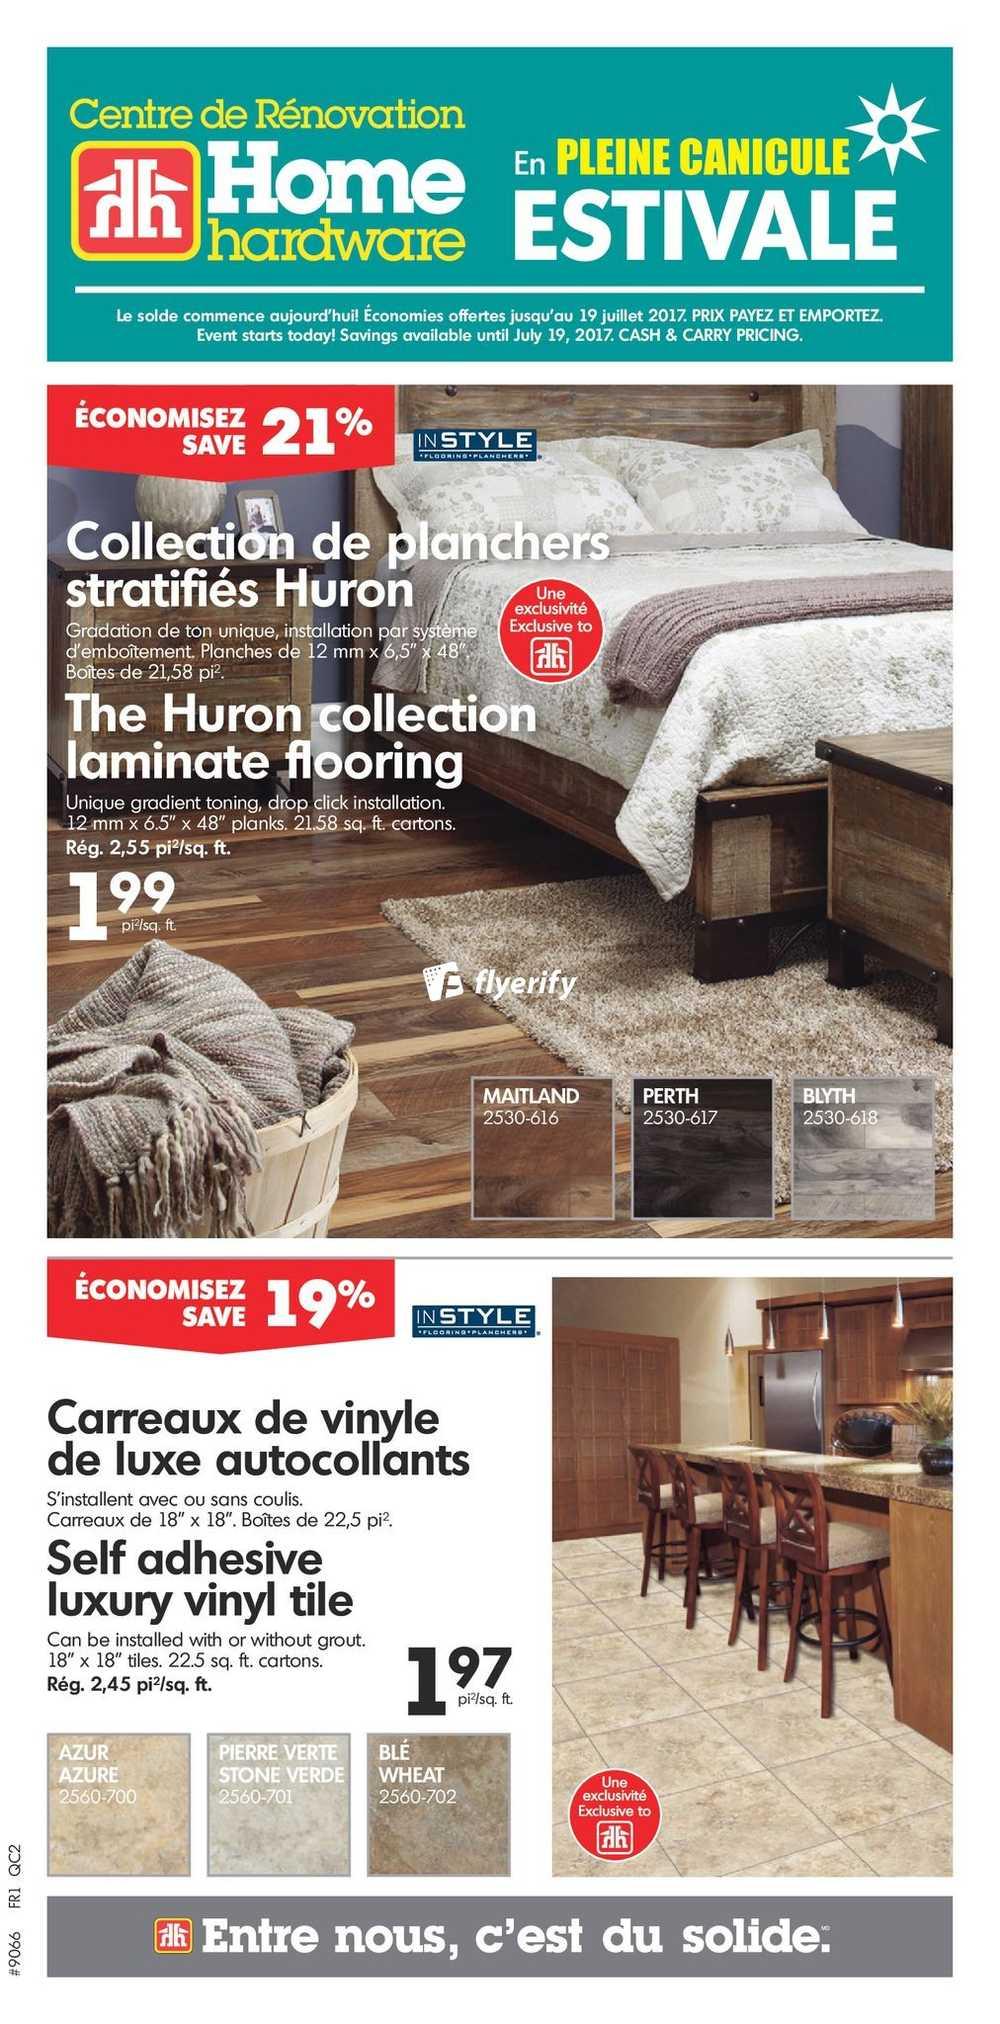 Home Hardware Design Centre - Axiomseducation.com